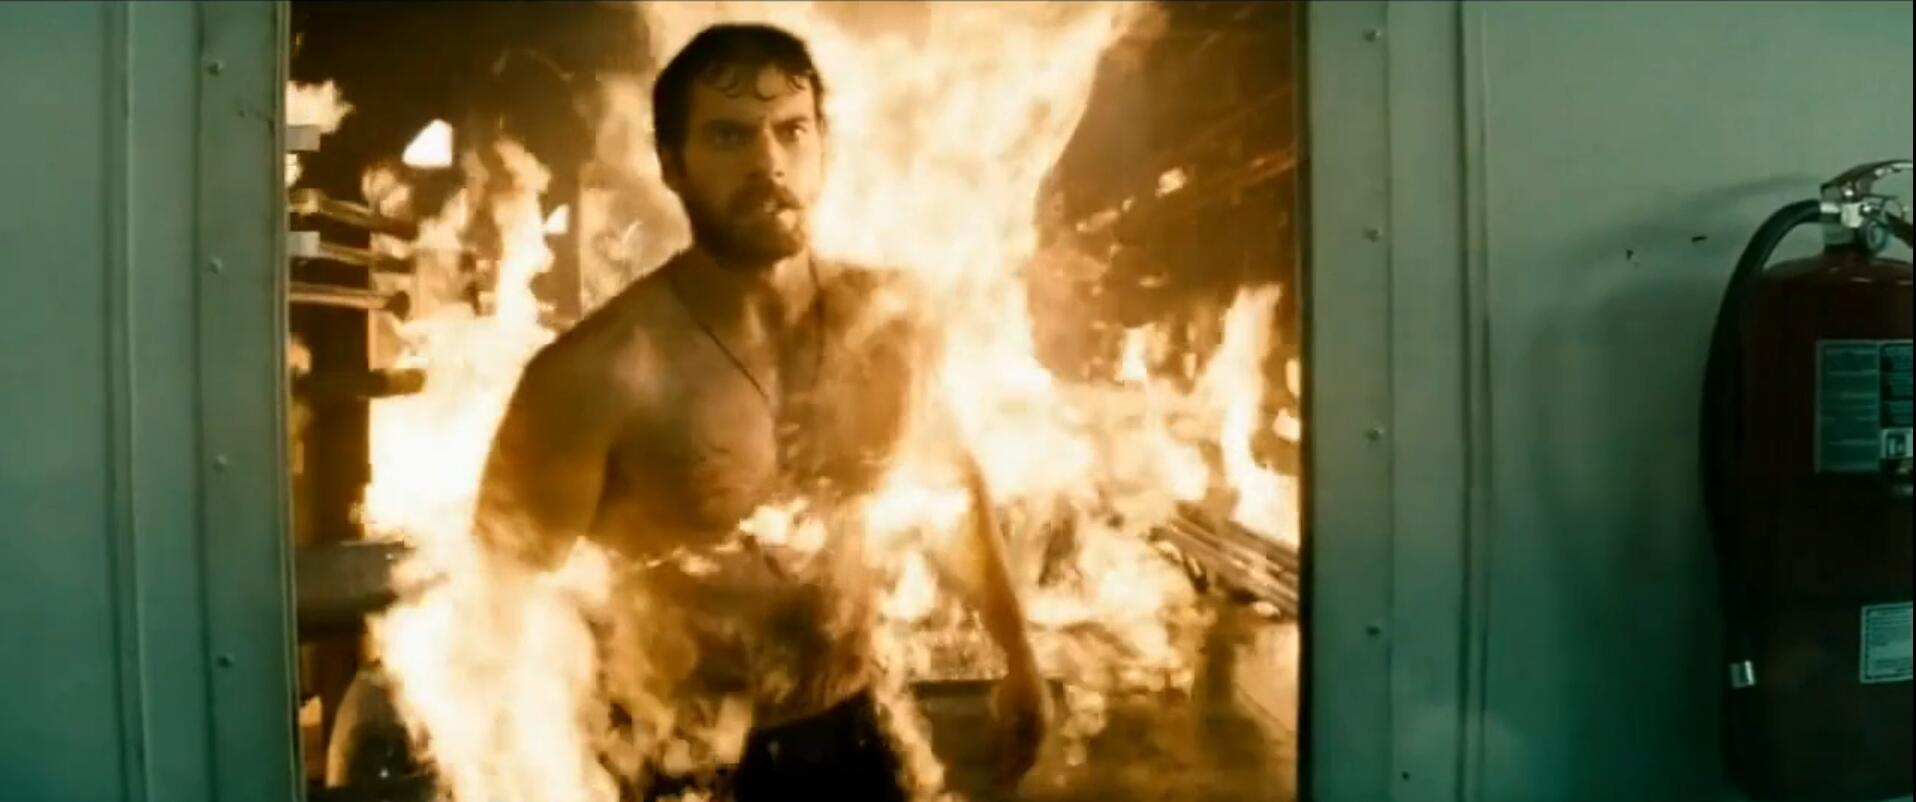 #经典看电影#氪星毁灭,超人被送到地球,成年后力大无穷